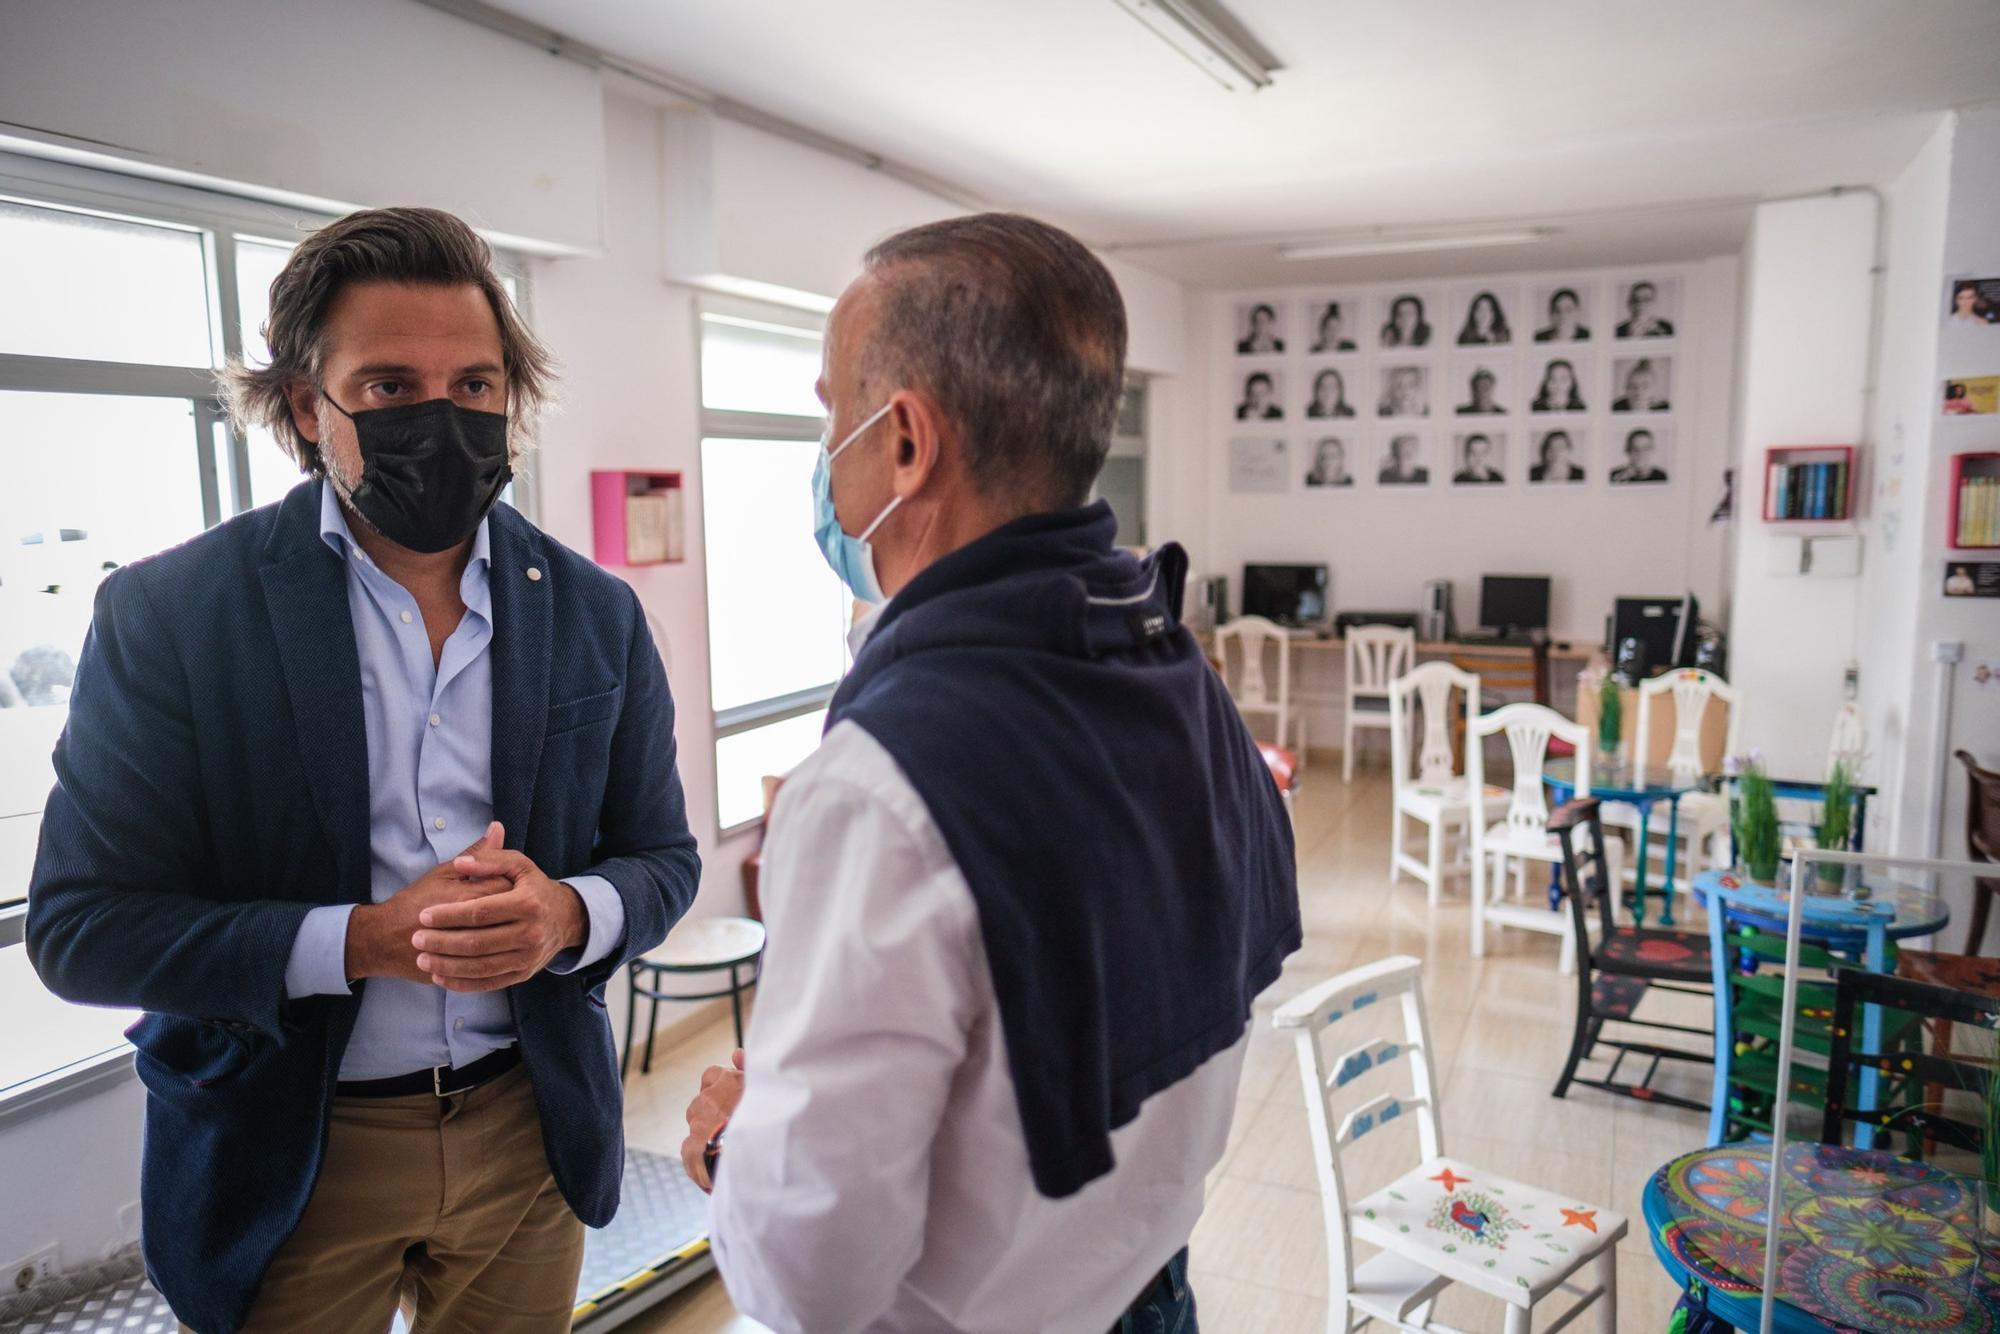 Visita de Gustavo Matos a la sede del proyecto social y solidario de la Fundación Buen Samaritano